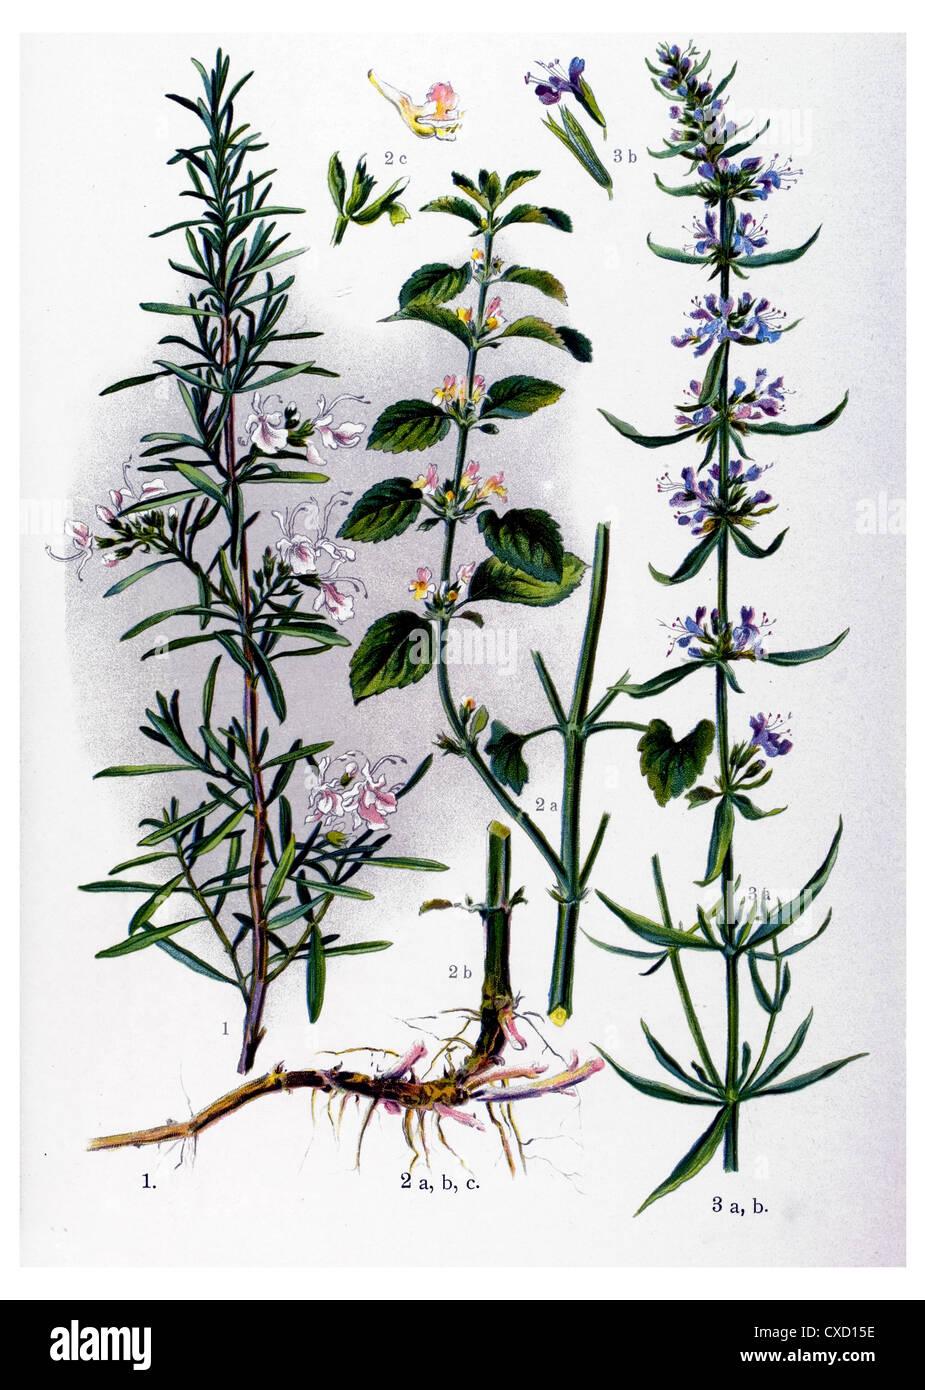 Rosmarinus officinalis - Stock Image